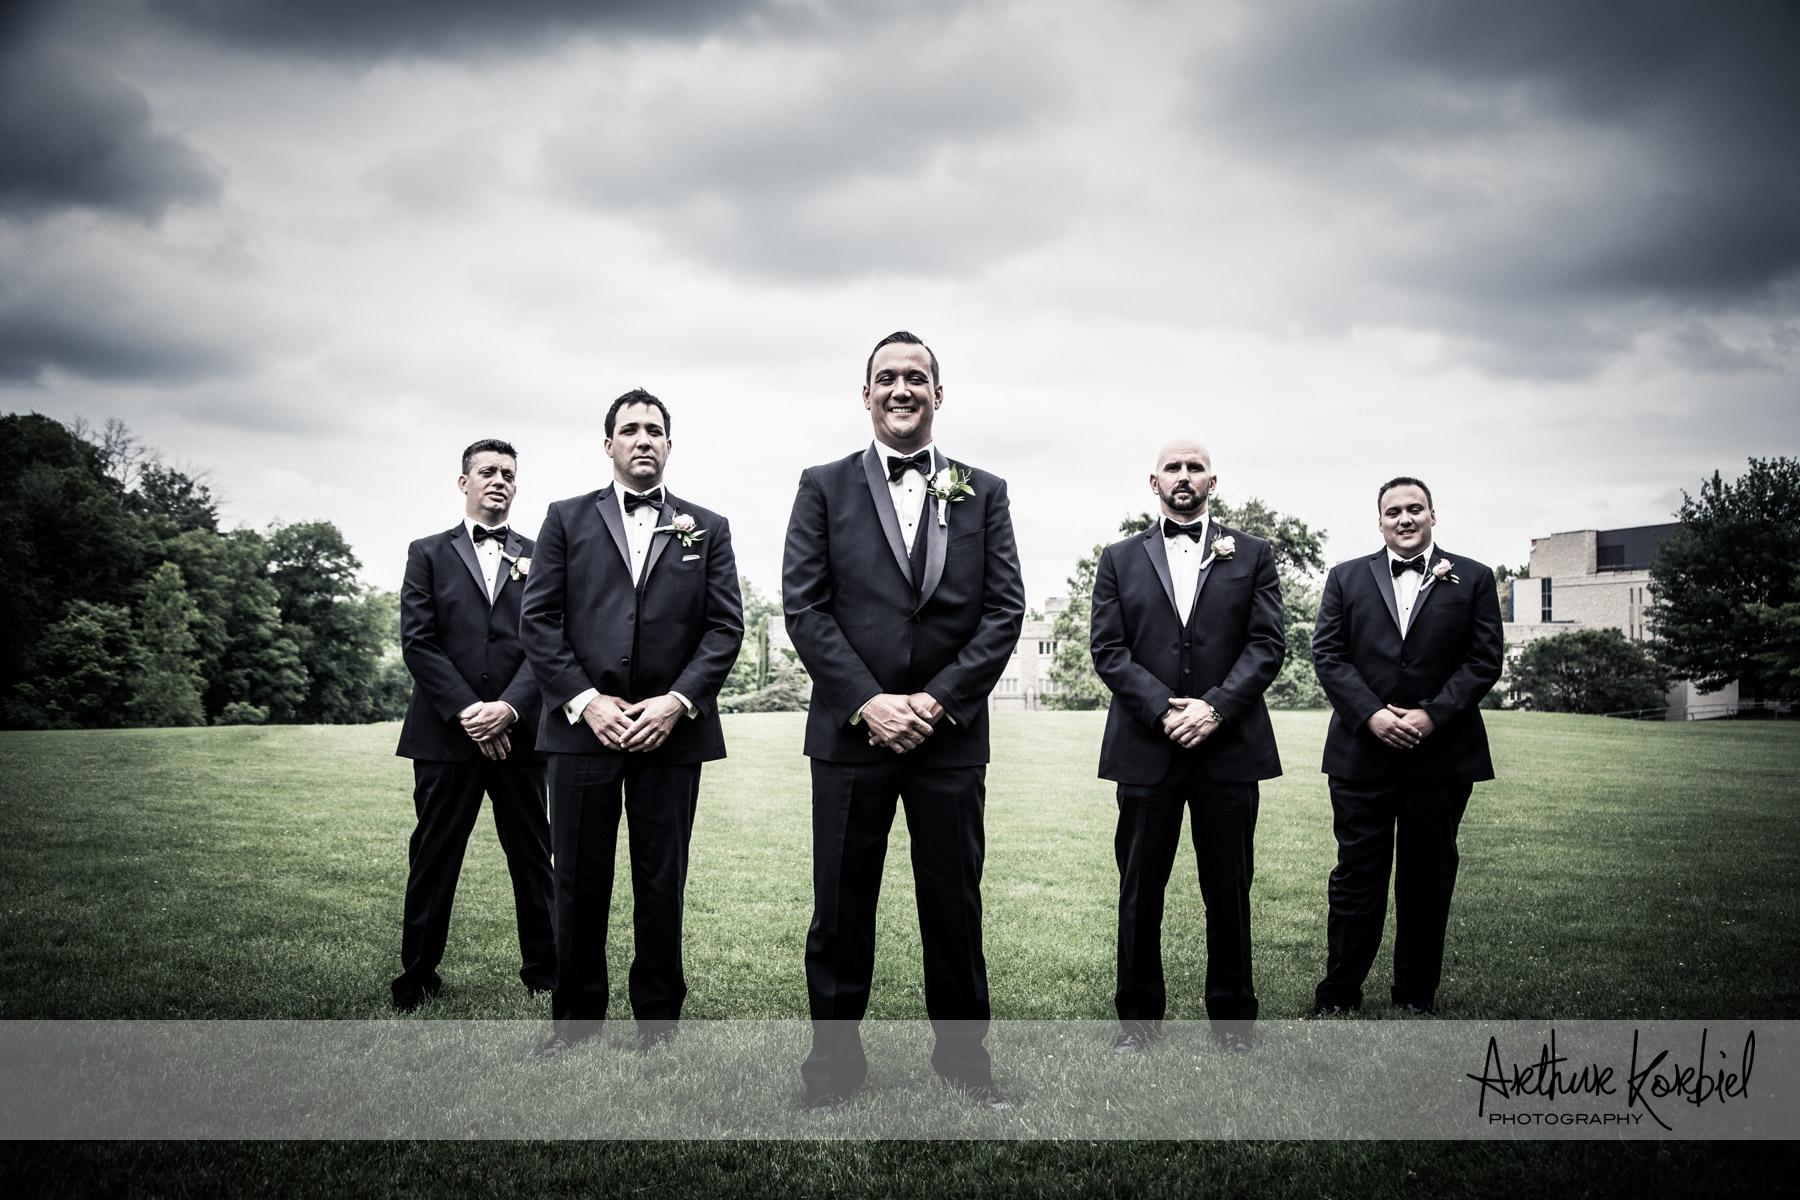 Arthur Korbiel Photography - London Wedding Photographer-022.jpg